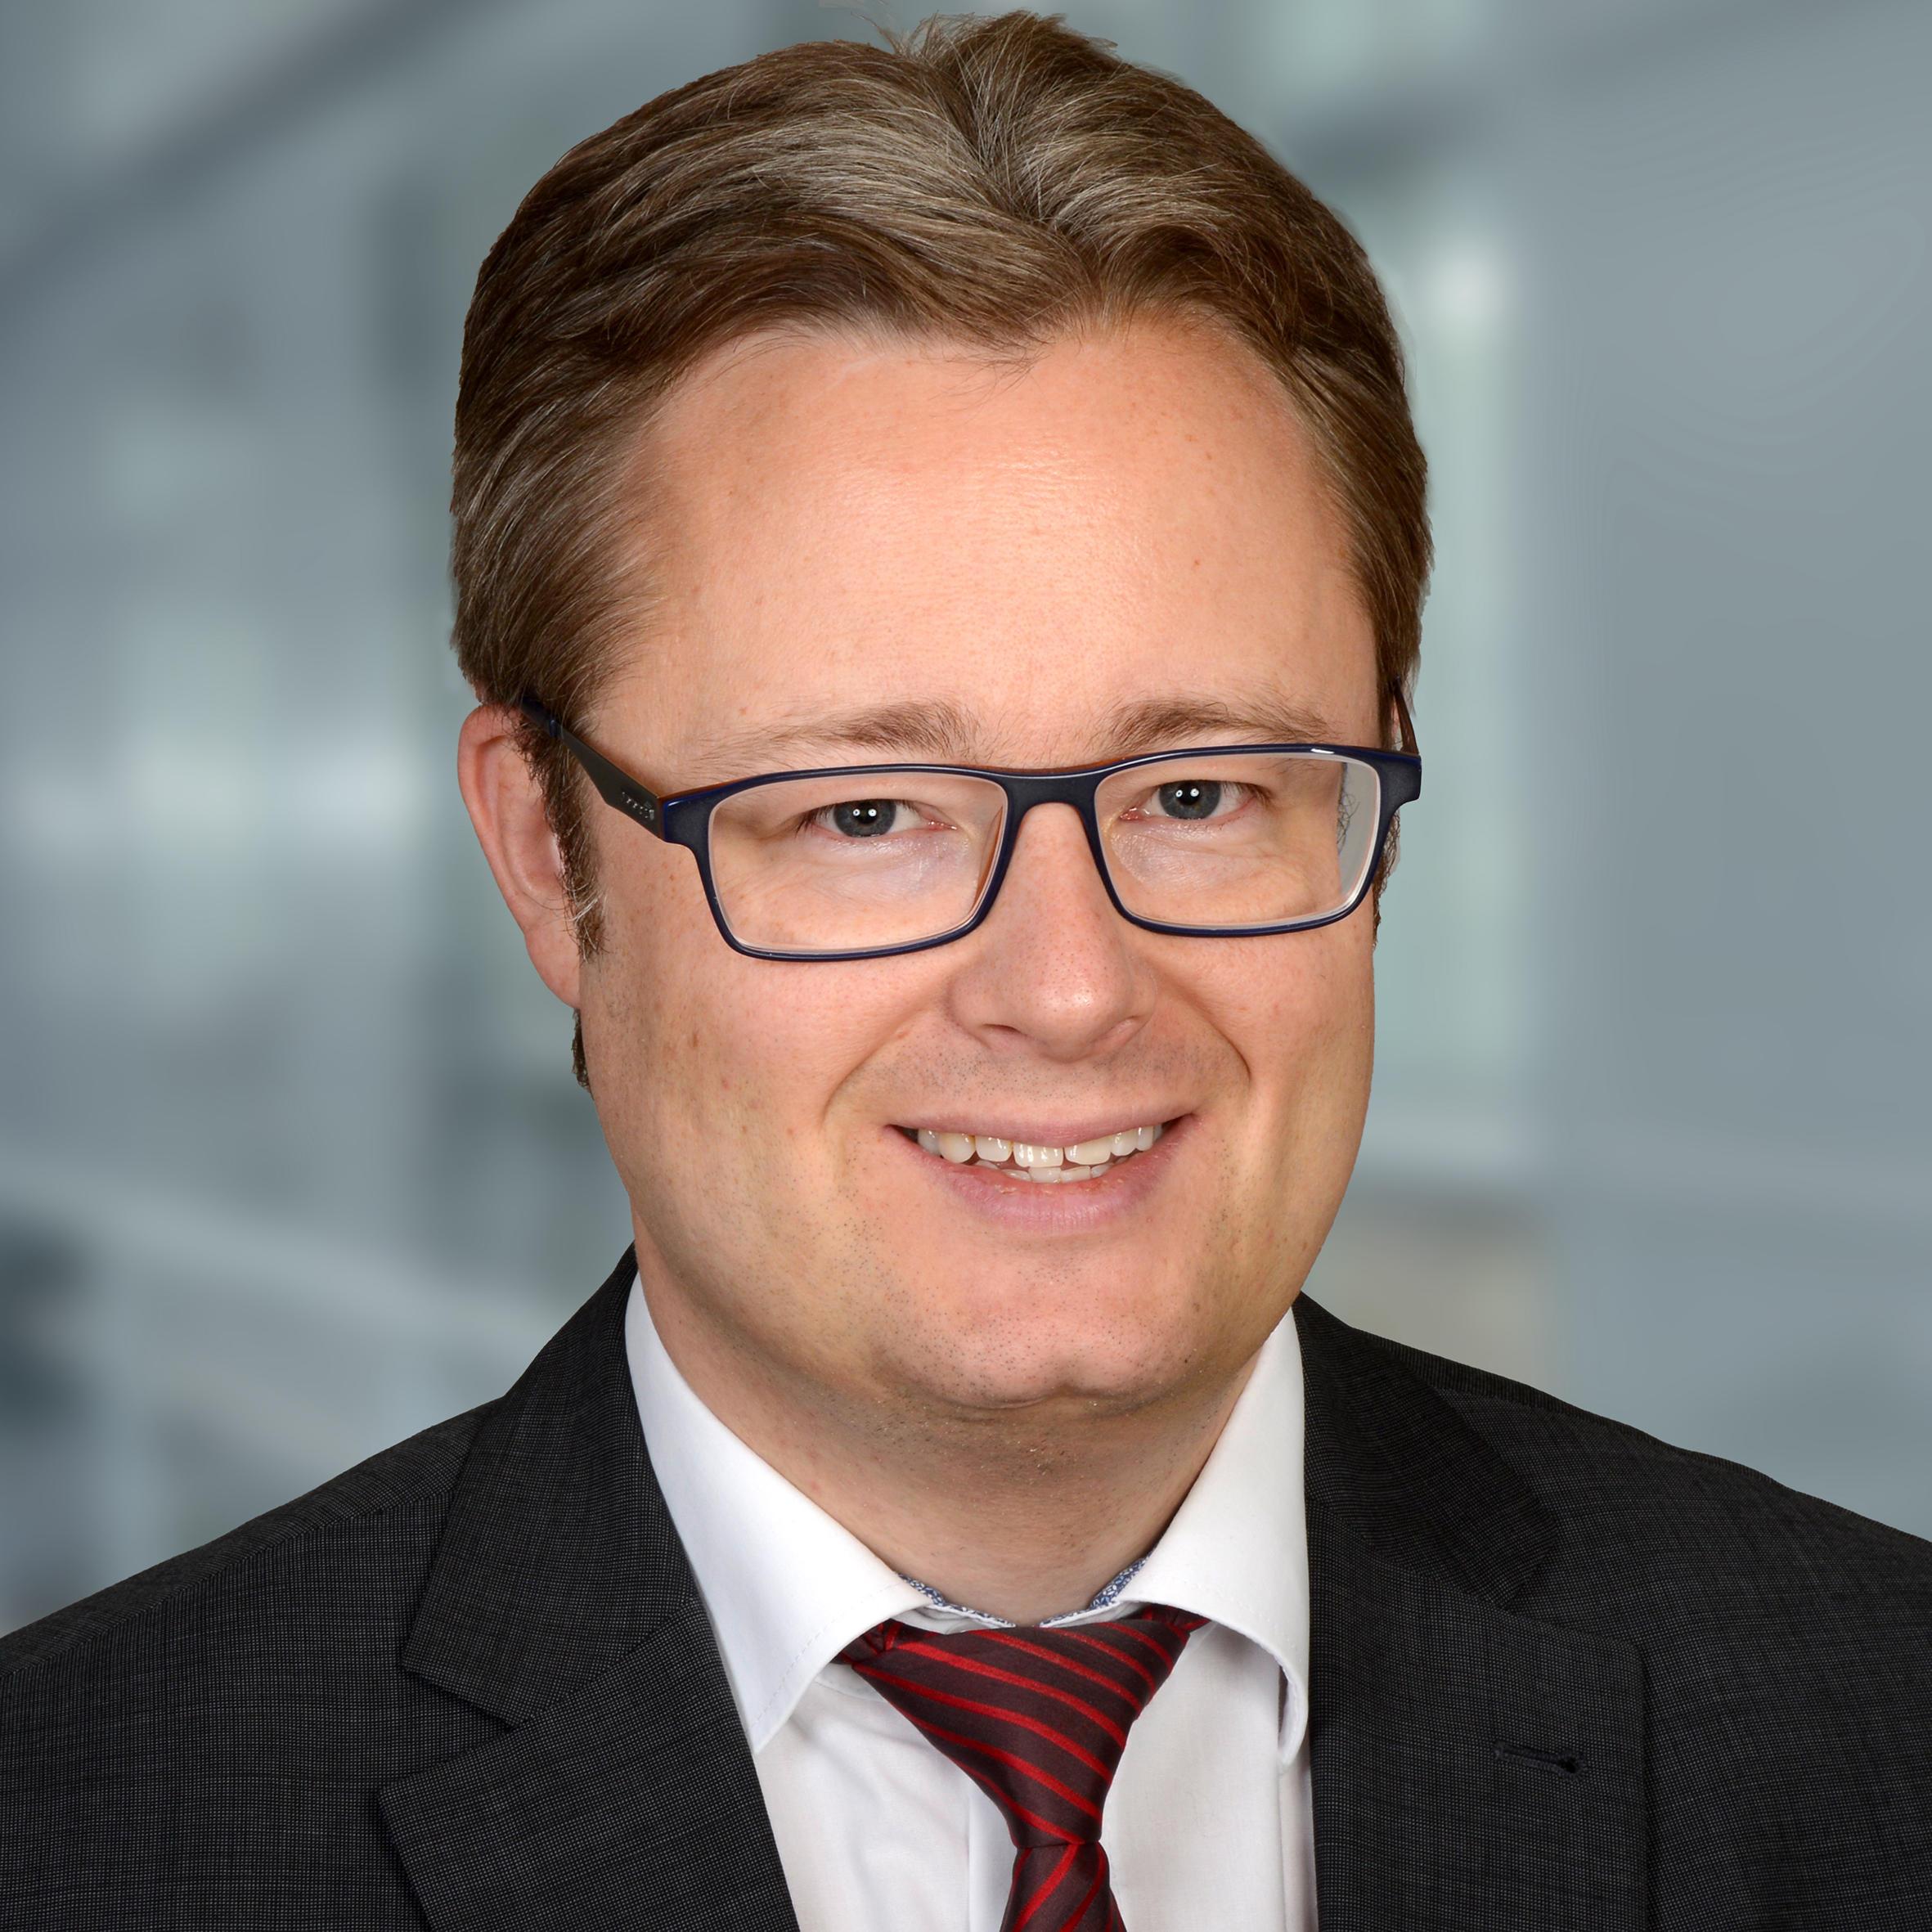 Rechtsanwälte Dr. Hütter und Partner